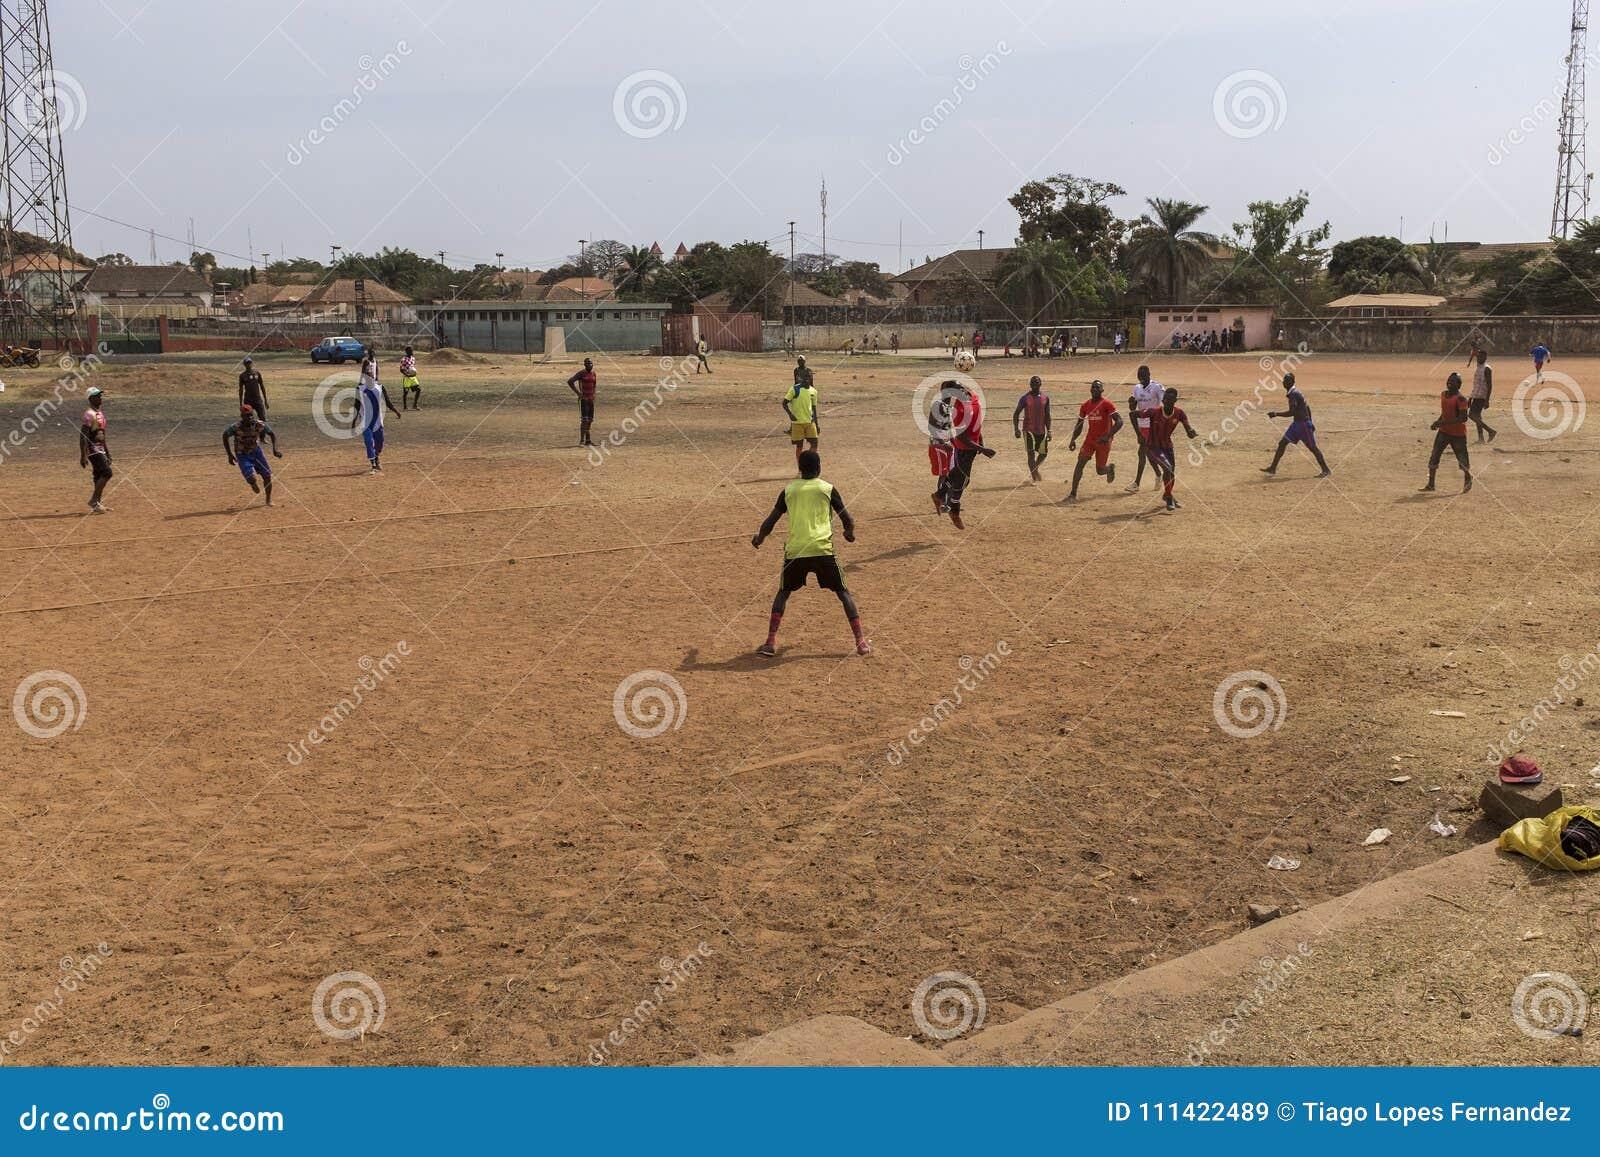 Νεαροί άνδρες που παίζουν το ποδόσφαιρο σε έναν τομέα ρύπου στην πόλη του Μπισσάου, στη Γουινέα-Μπισσάου